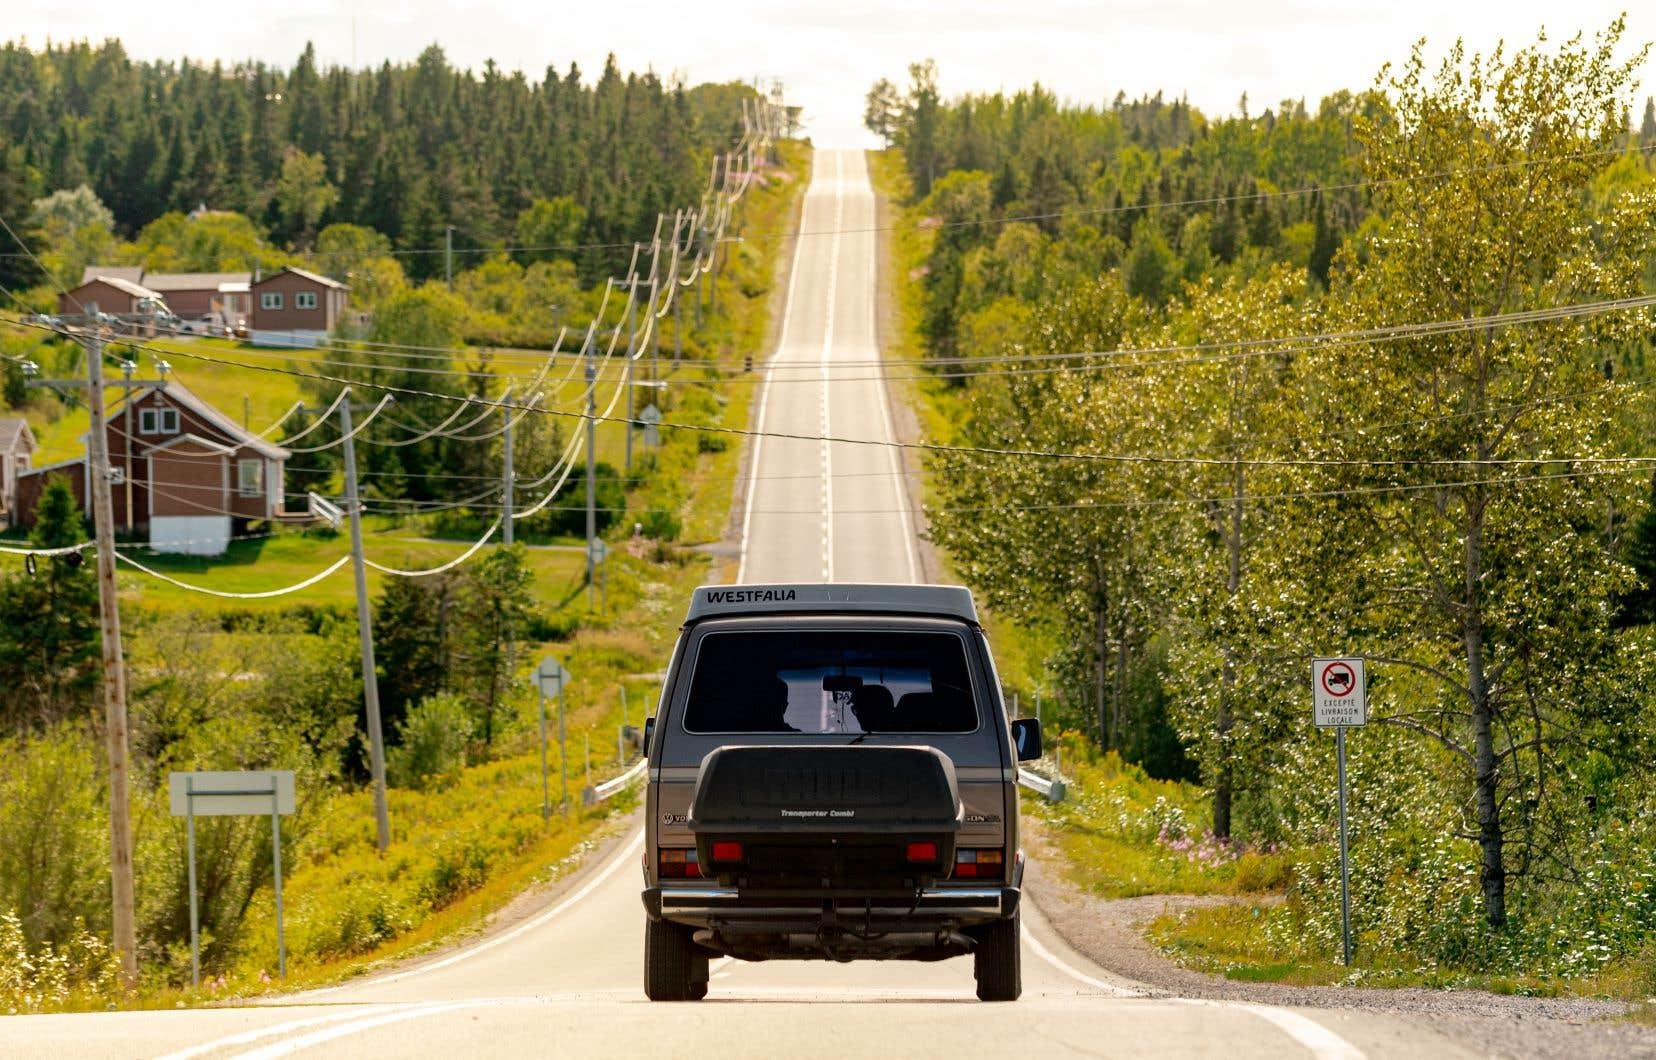 Sans grande surprise, le camping ainsi que les voyages en fourgonnette et en véhicule récréatif continueront de séduire les vacanciers.